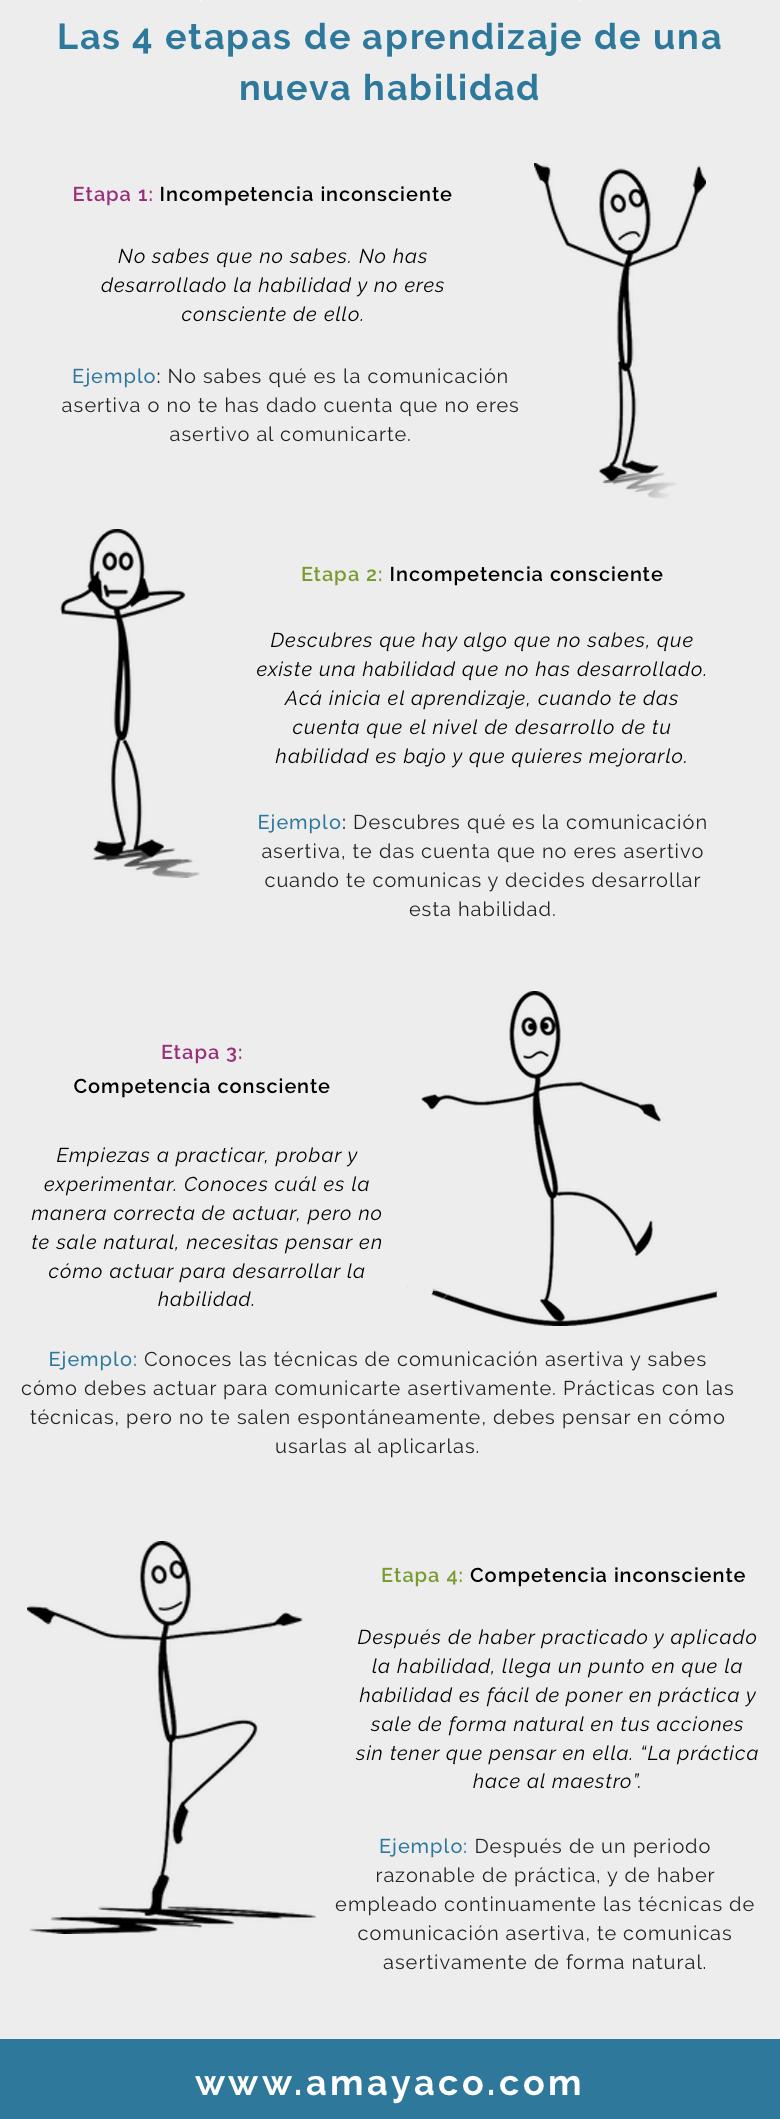 infografía - Las 4 etapas de aprendizaje de una nueva habilidad